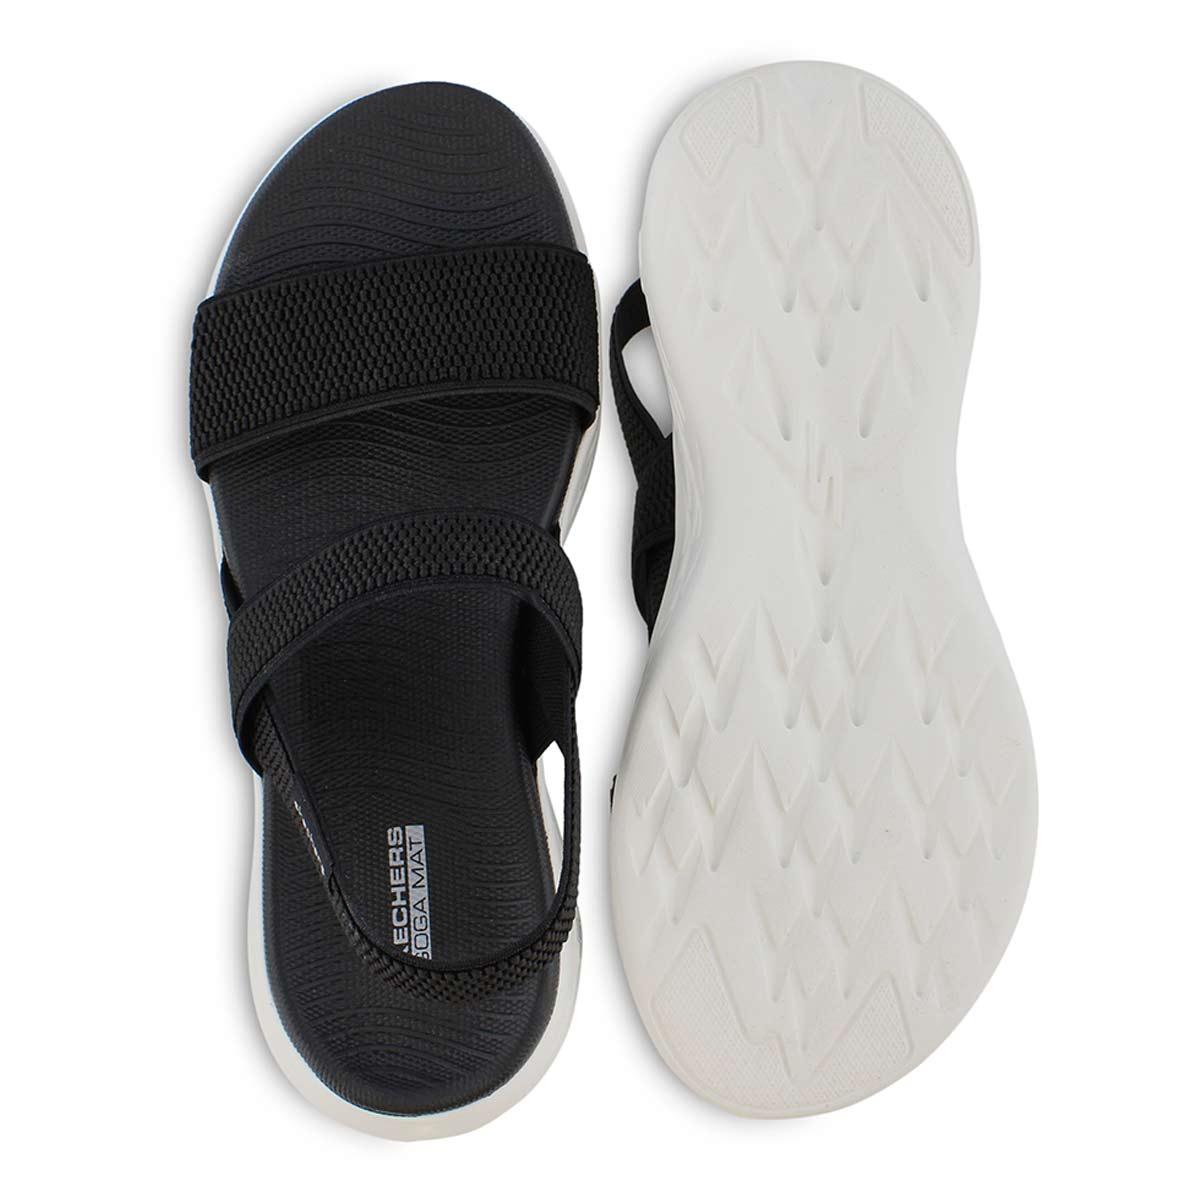 Sandales sport, ON-THE-GO 600, noir/blanc, femmes